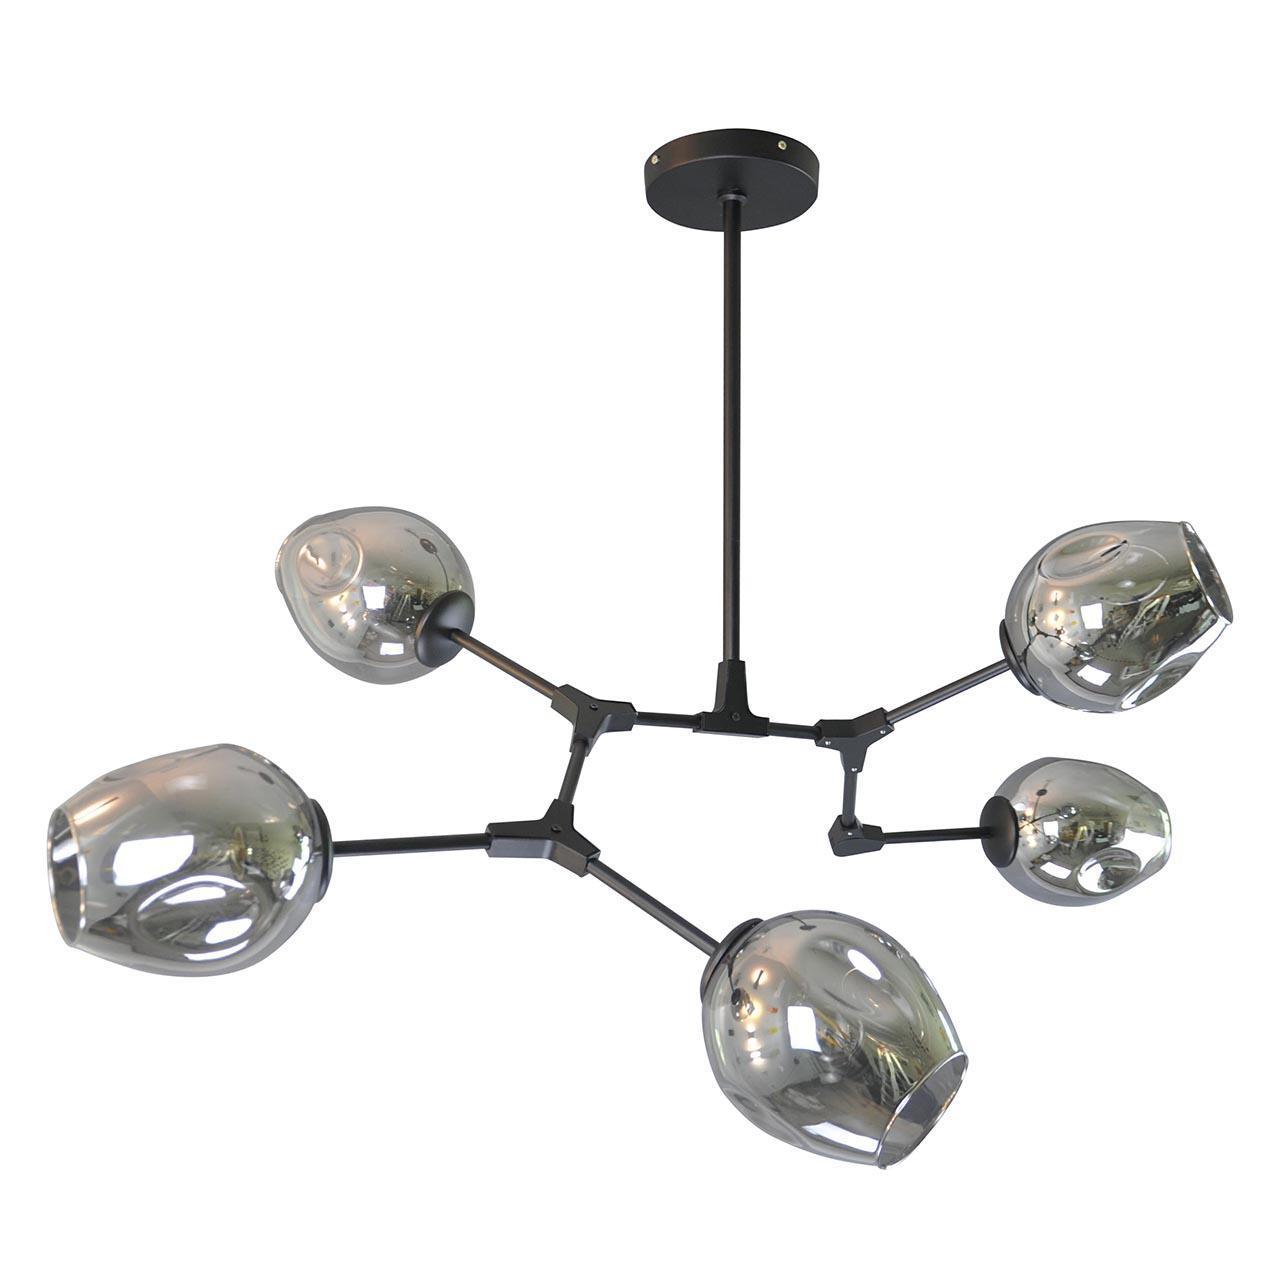 Подвесная люстра Kink Light Нисса 07512-5,19 kink light подвесная люстра kink light бинокли 07840